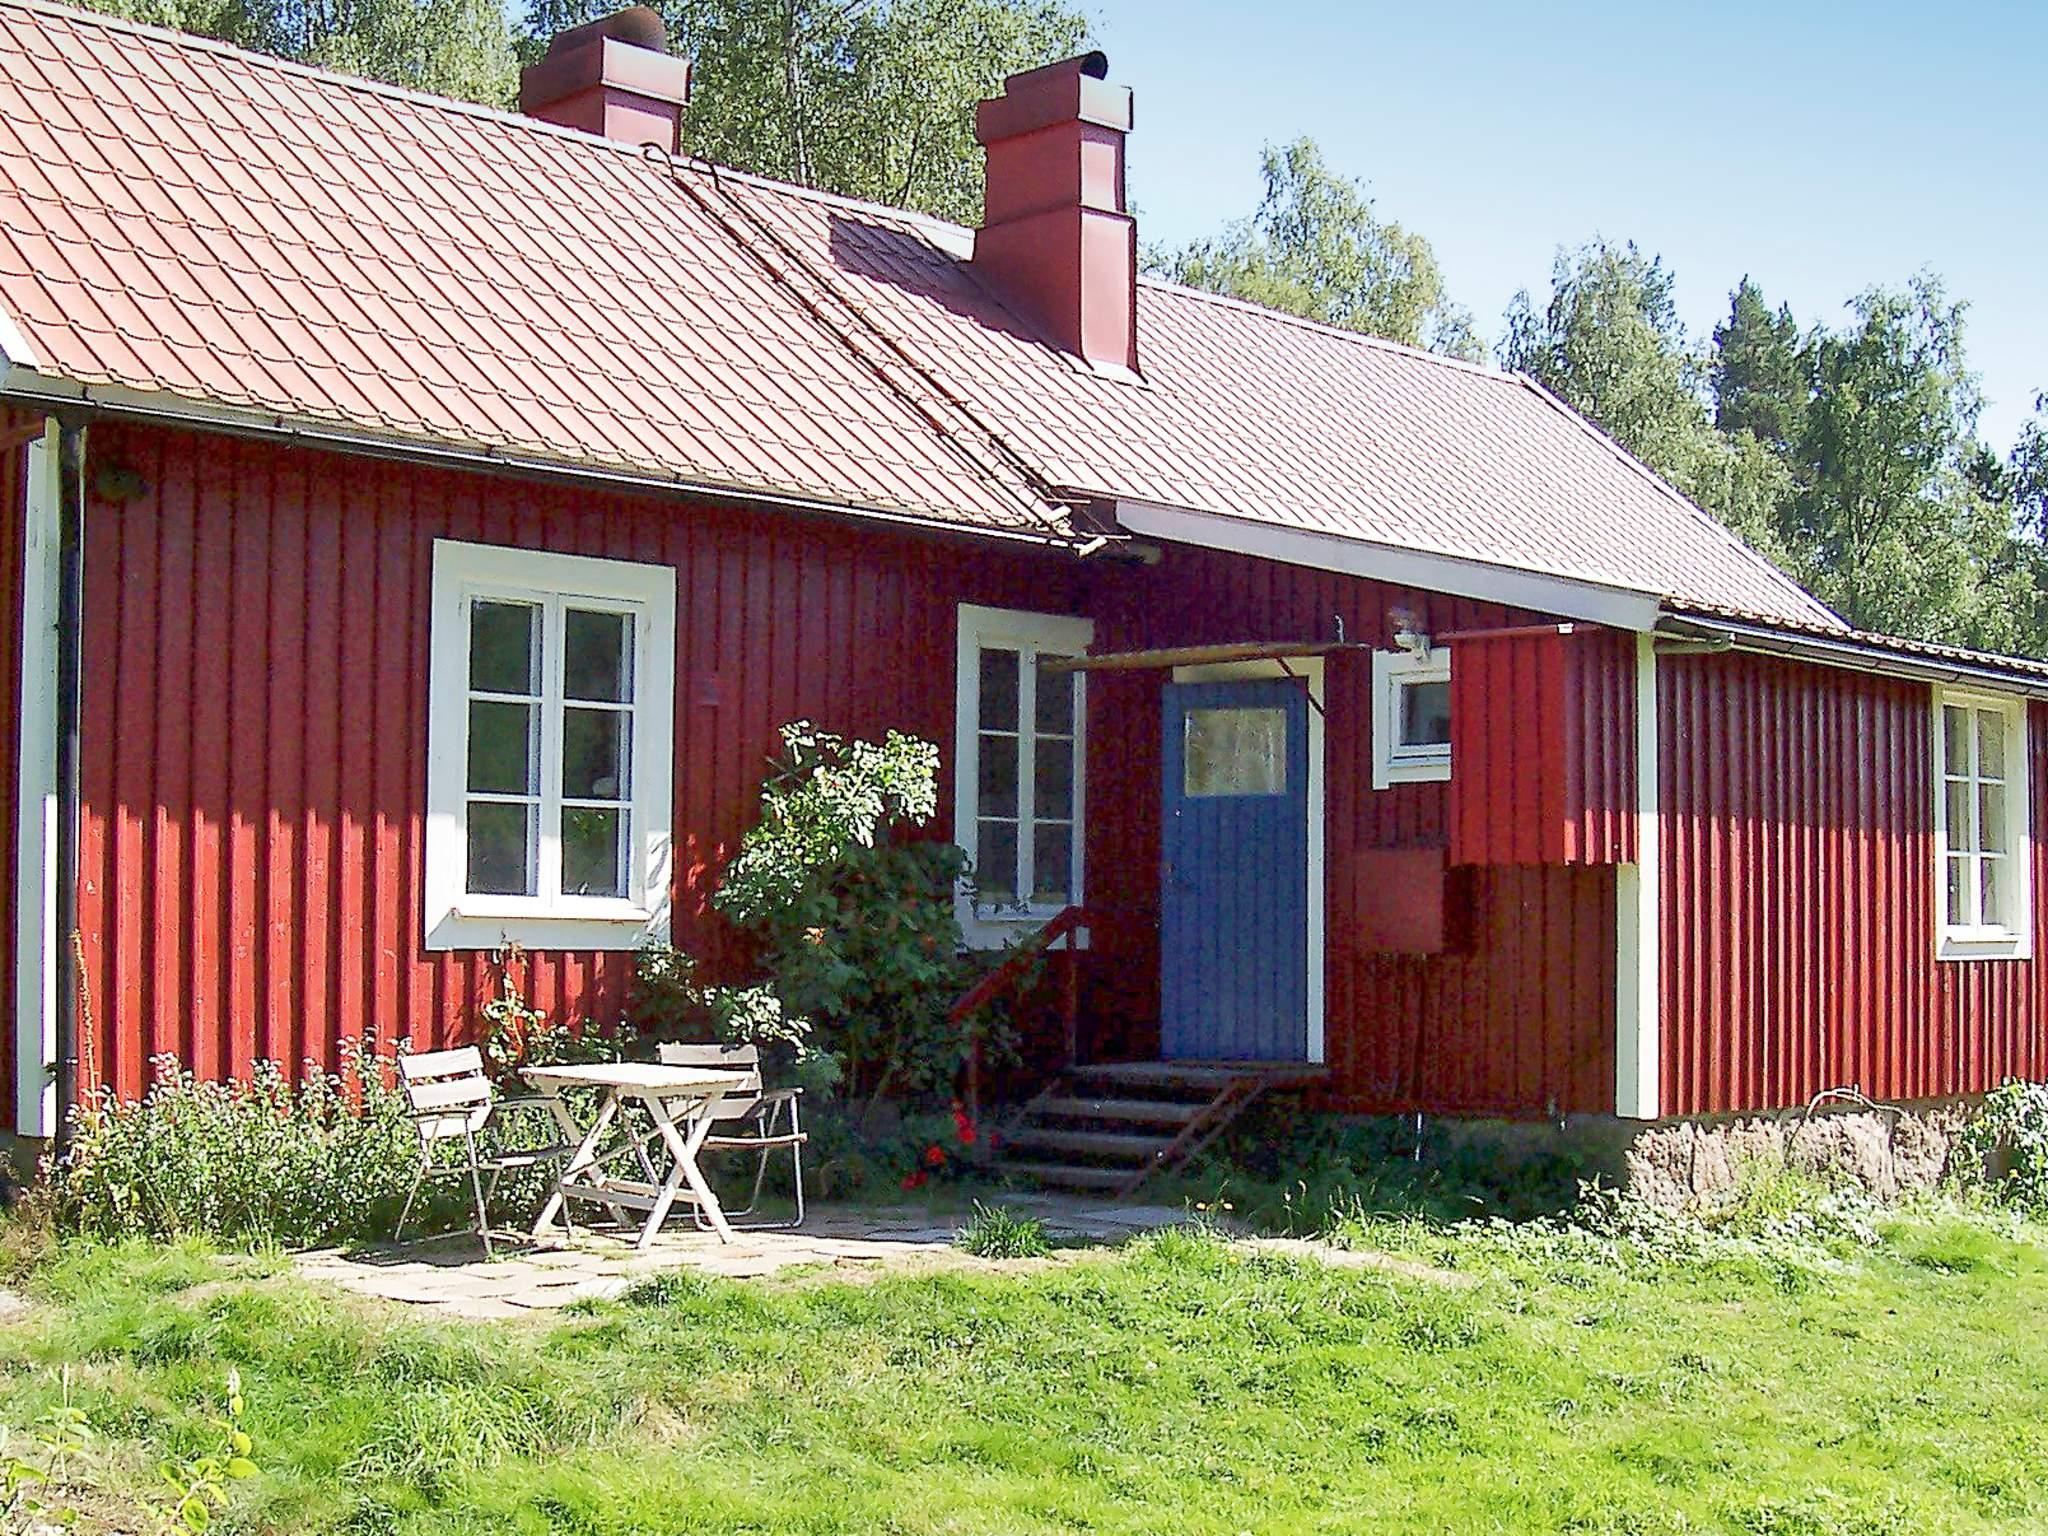 Ferienhaus Tving (135628), Tving, Blekinge län, Südschweden, Schweden, Bild 15